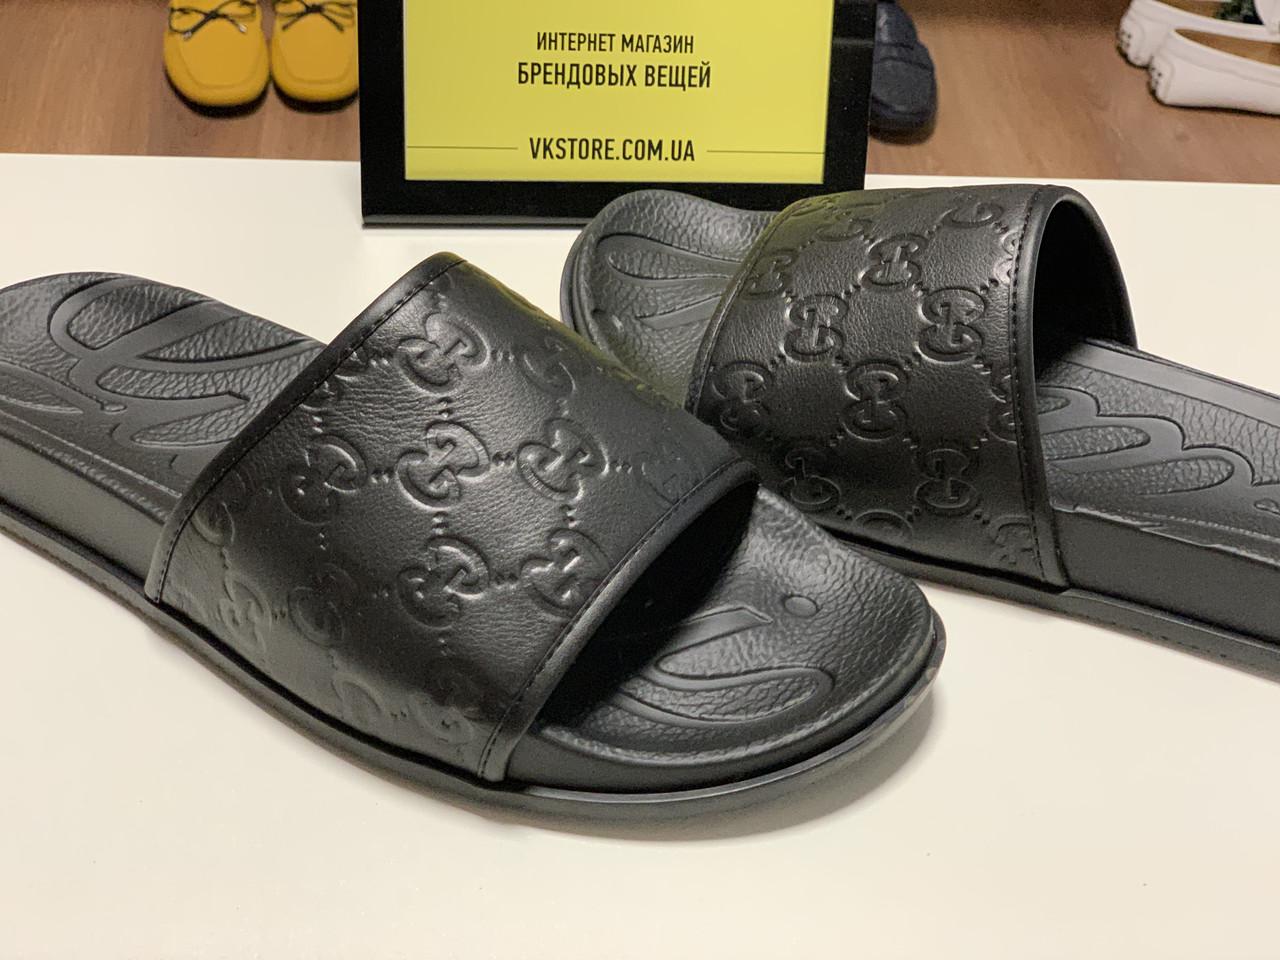 adfafc95 Черные шлепки Gucci - купить мужскую обувь Украина | vkstore.com.ua